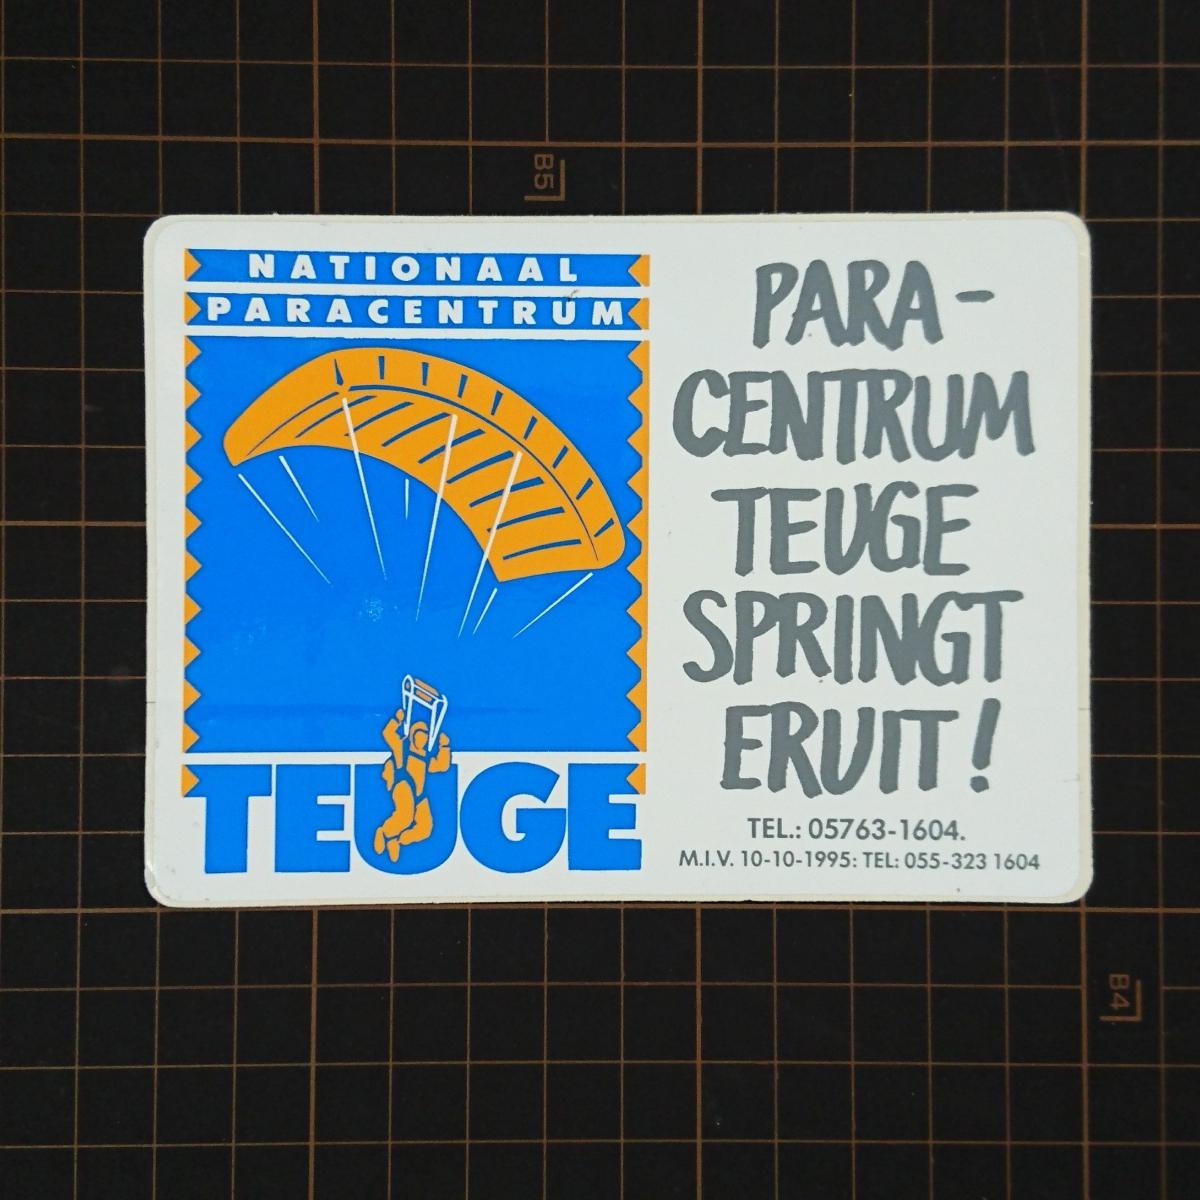 【ビンテージ ステッカー】パラグライダー TEUGE 広告 アドバタイジング 企業物 ノベルティ フランス オランダ アンティーク シール 1691_画像1